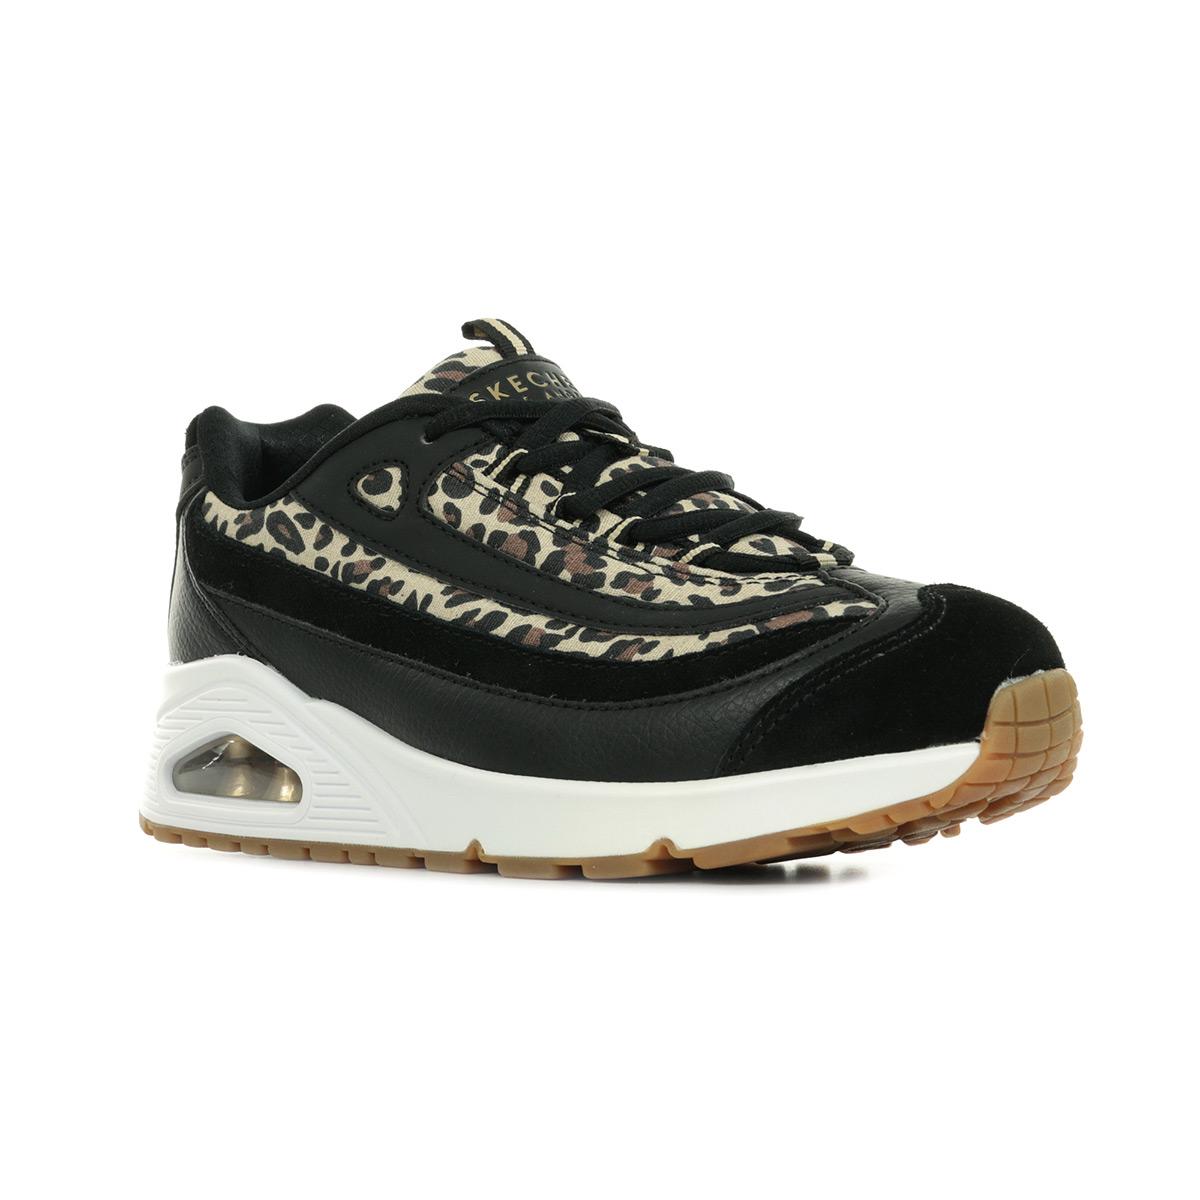 Détails sur Chaussures Baskets Skechers femme Uno Wild Streets taille Noir Noire